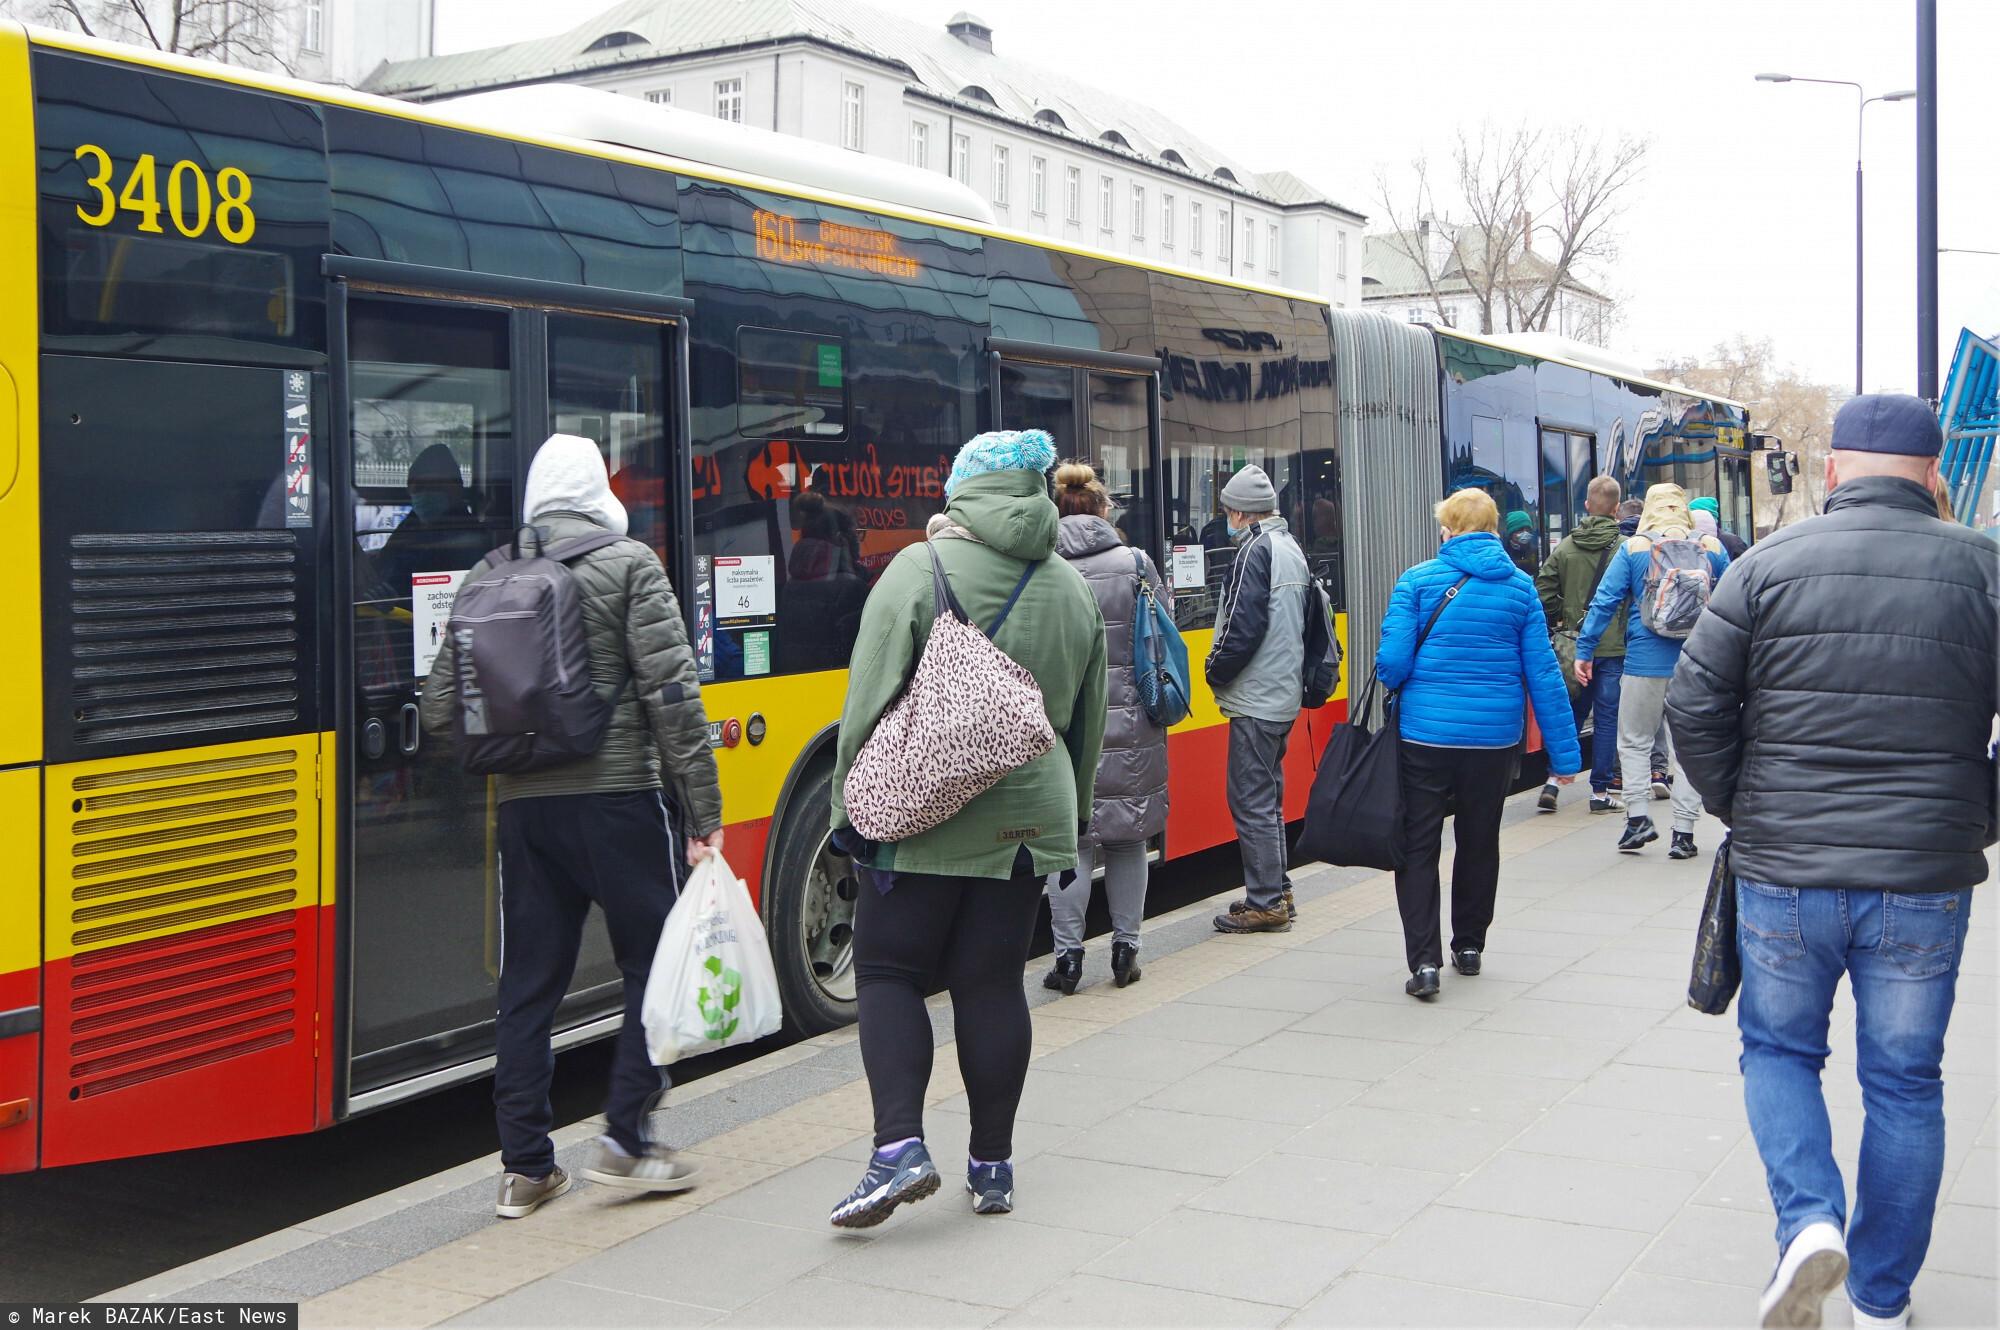 PHOTO: ZOFIA I MAREK BAZAK / EAST NEWS Warszawa N/Z Pasazerowie wsiadaja do autobusu miejskiego